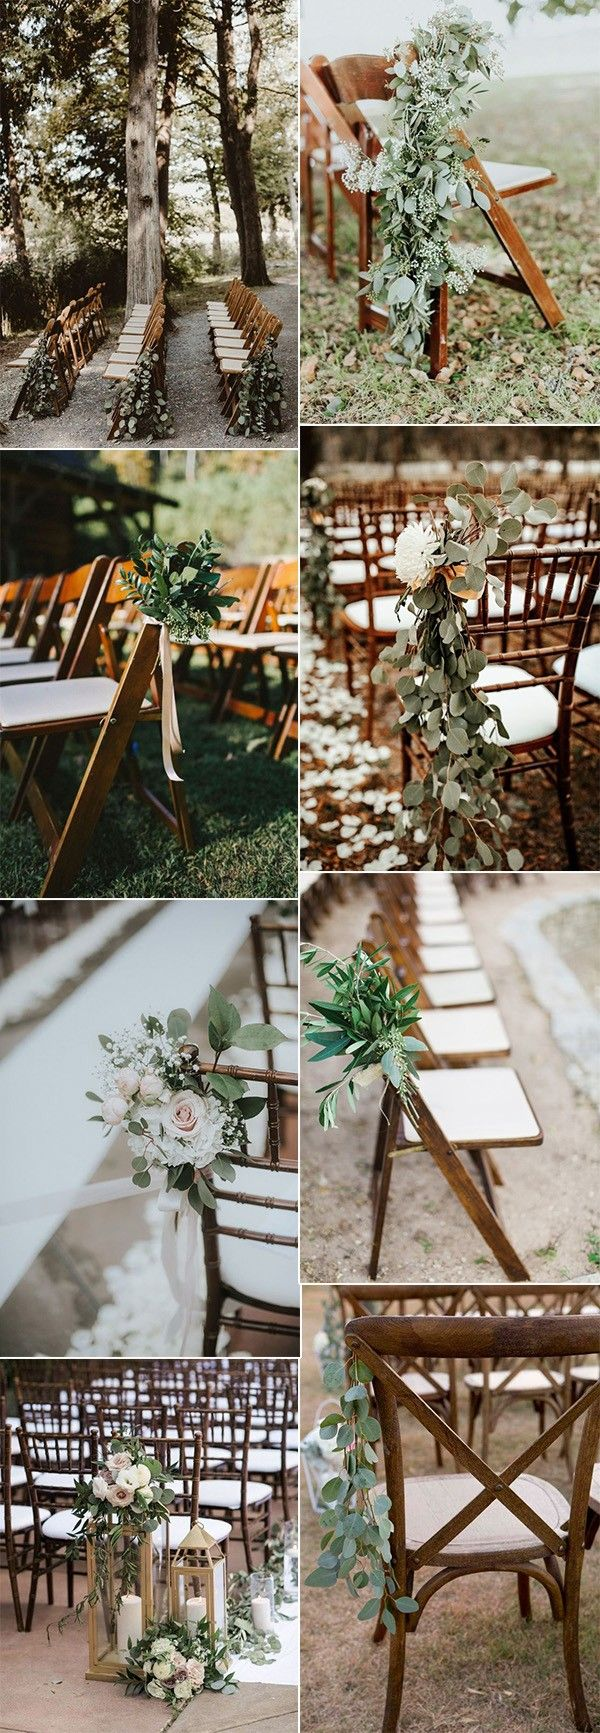 32 Idées de décoration de couloir de mariage en plein air – Page 2 sur 2 – Wedding Inspiration